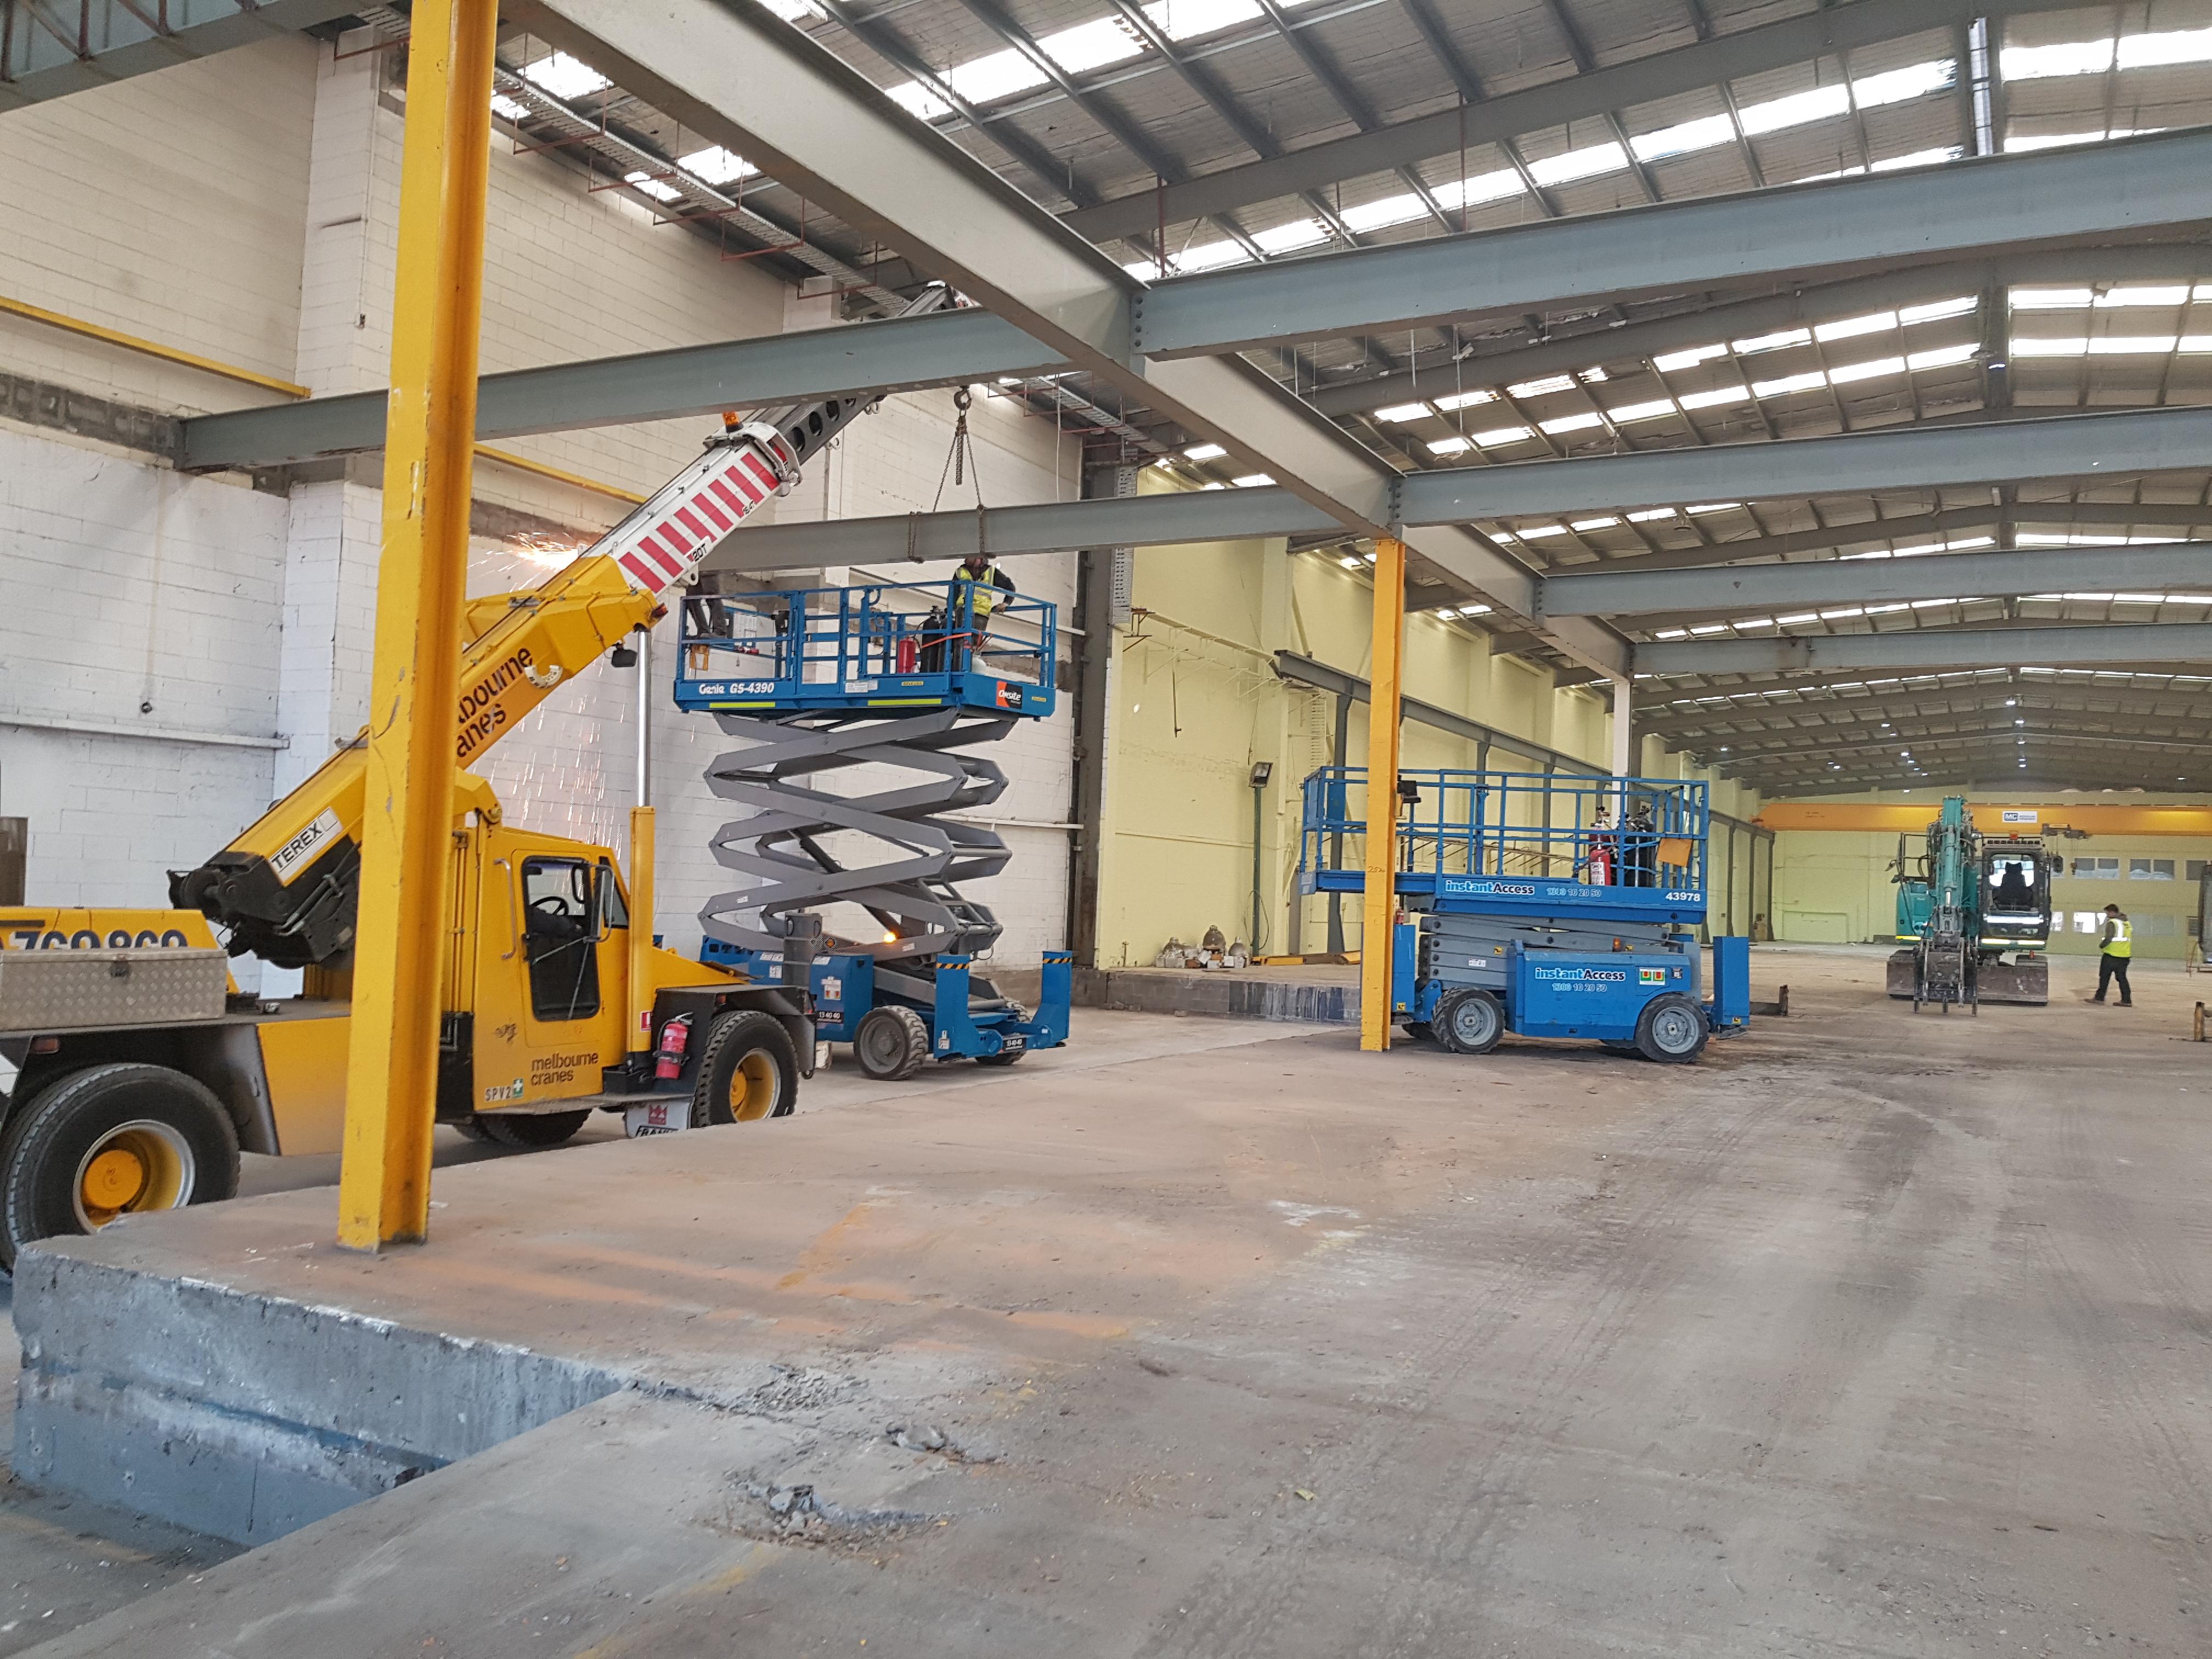 Focus Building Services pty ltd - Cranbourne North, VIC 3977 - 0407 547 763 | ShowMeLocal.com